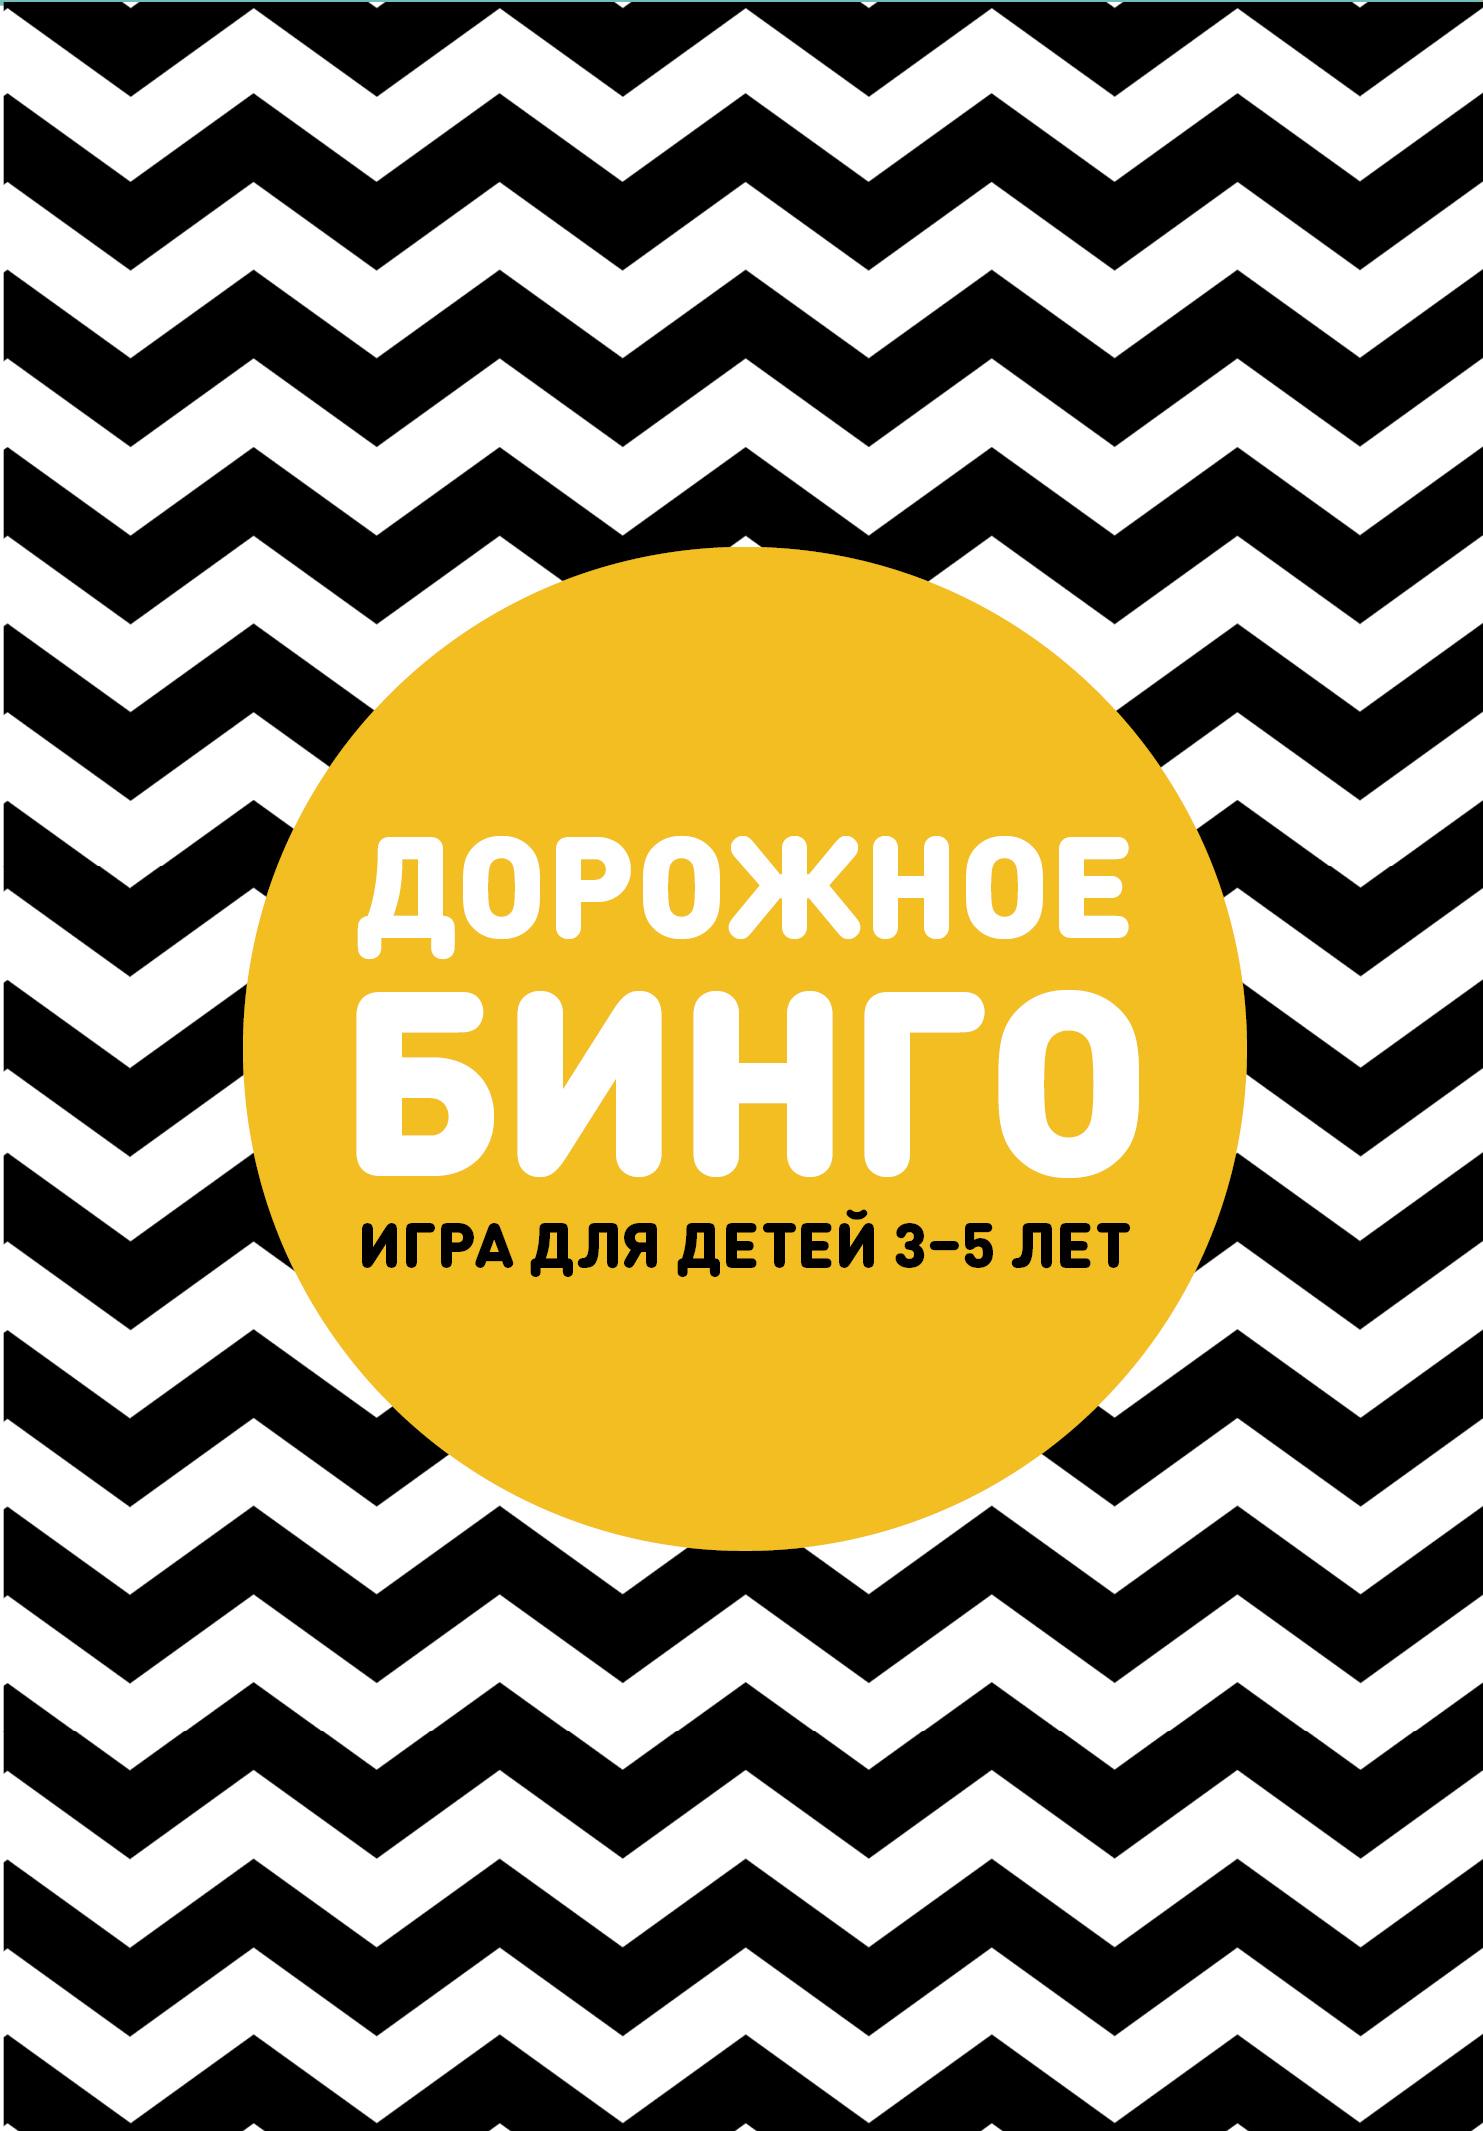 Дрызлова К., Слепцова Н. Дорожное бинго